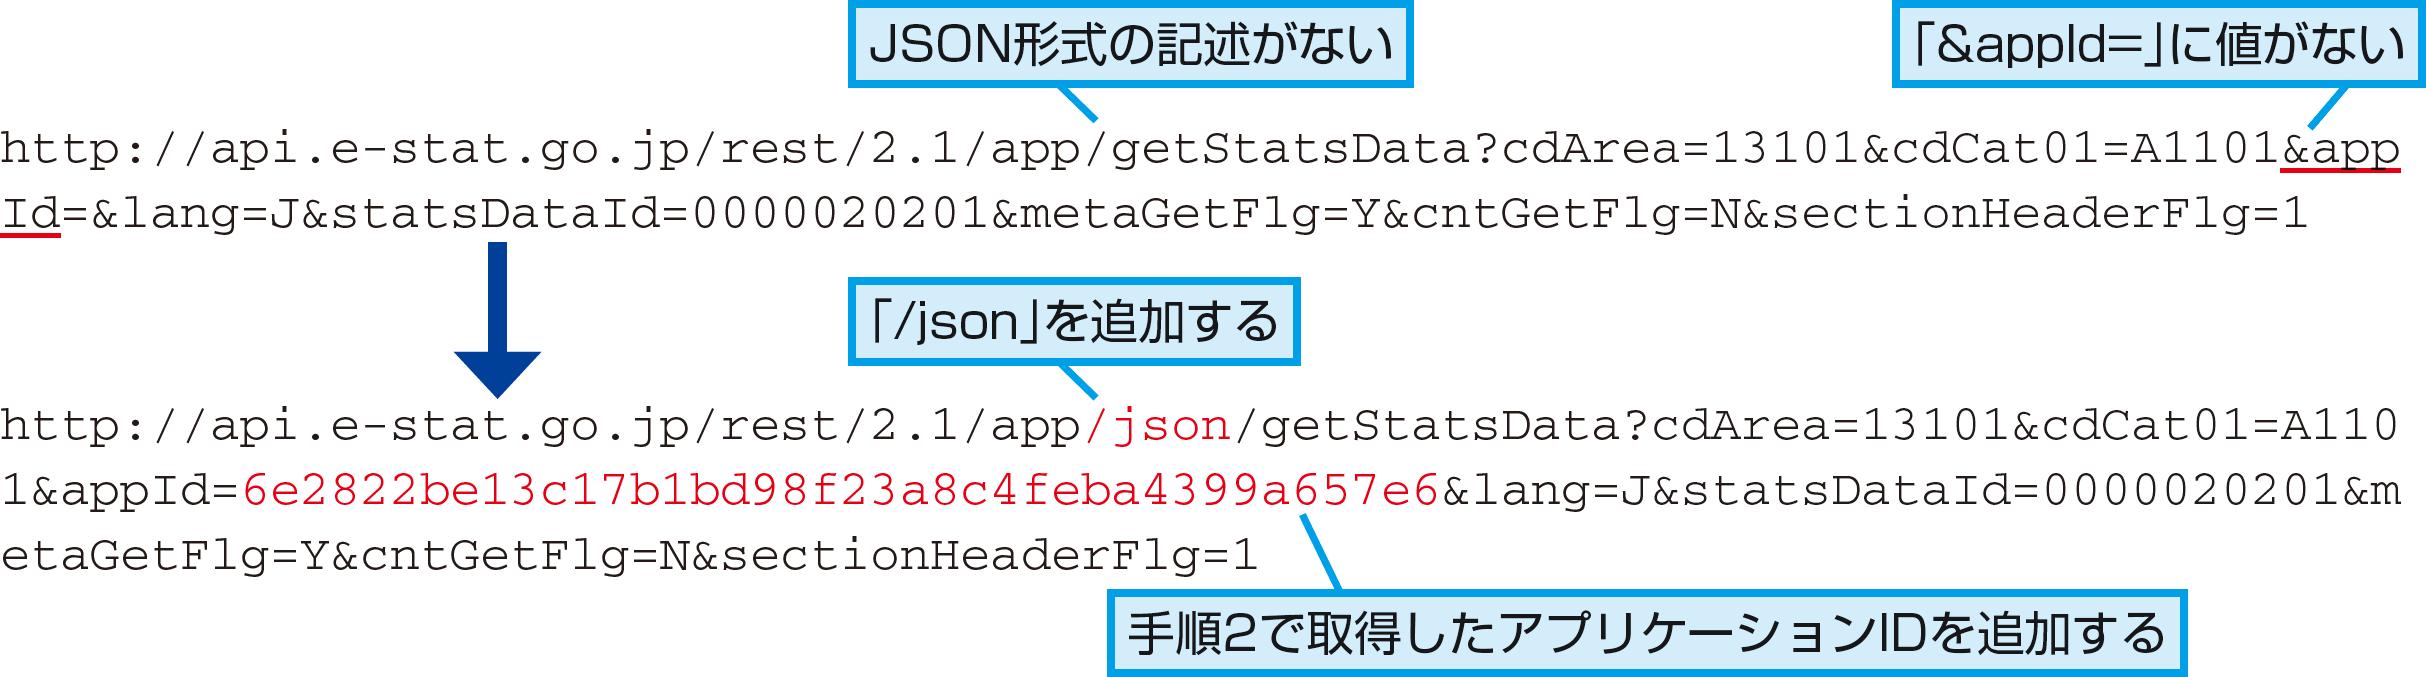 できるUiPath】REST APIとJSONを活用して外部のWebサービスと